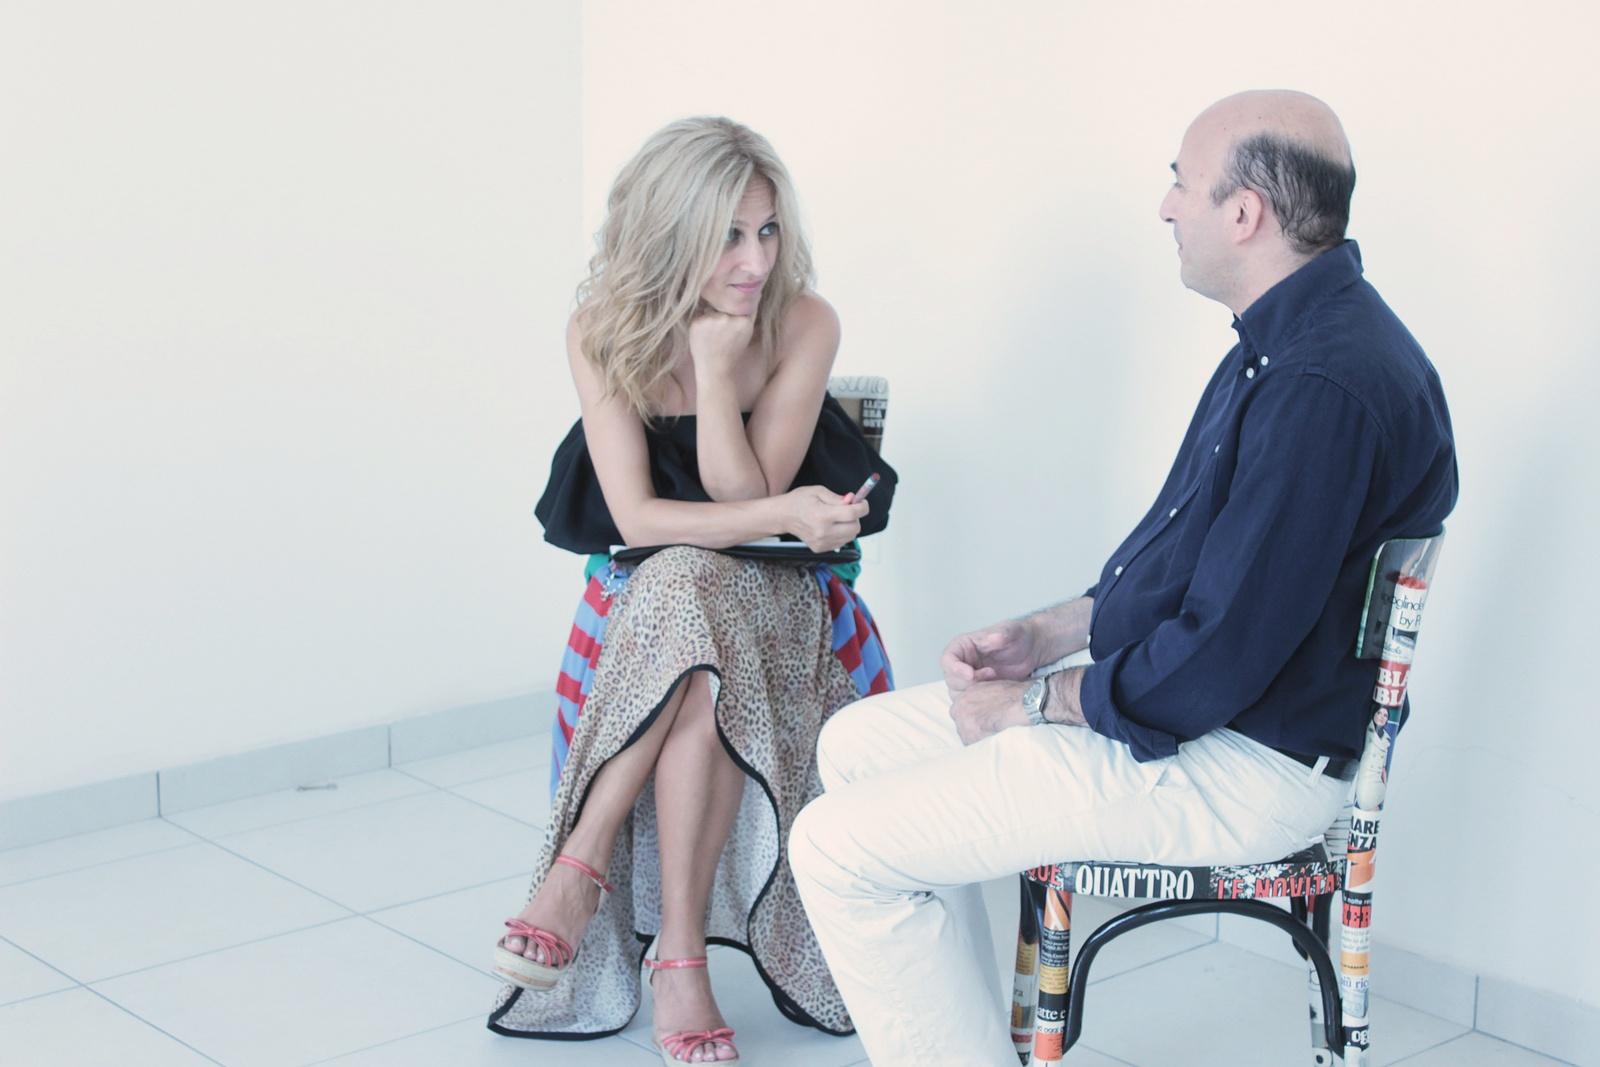 intervista (4)